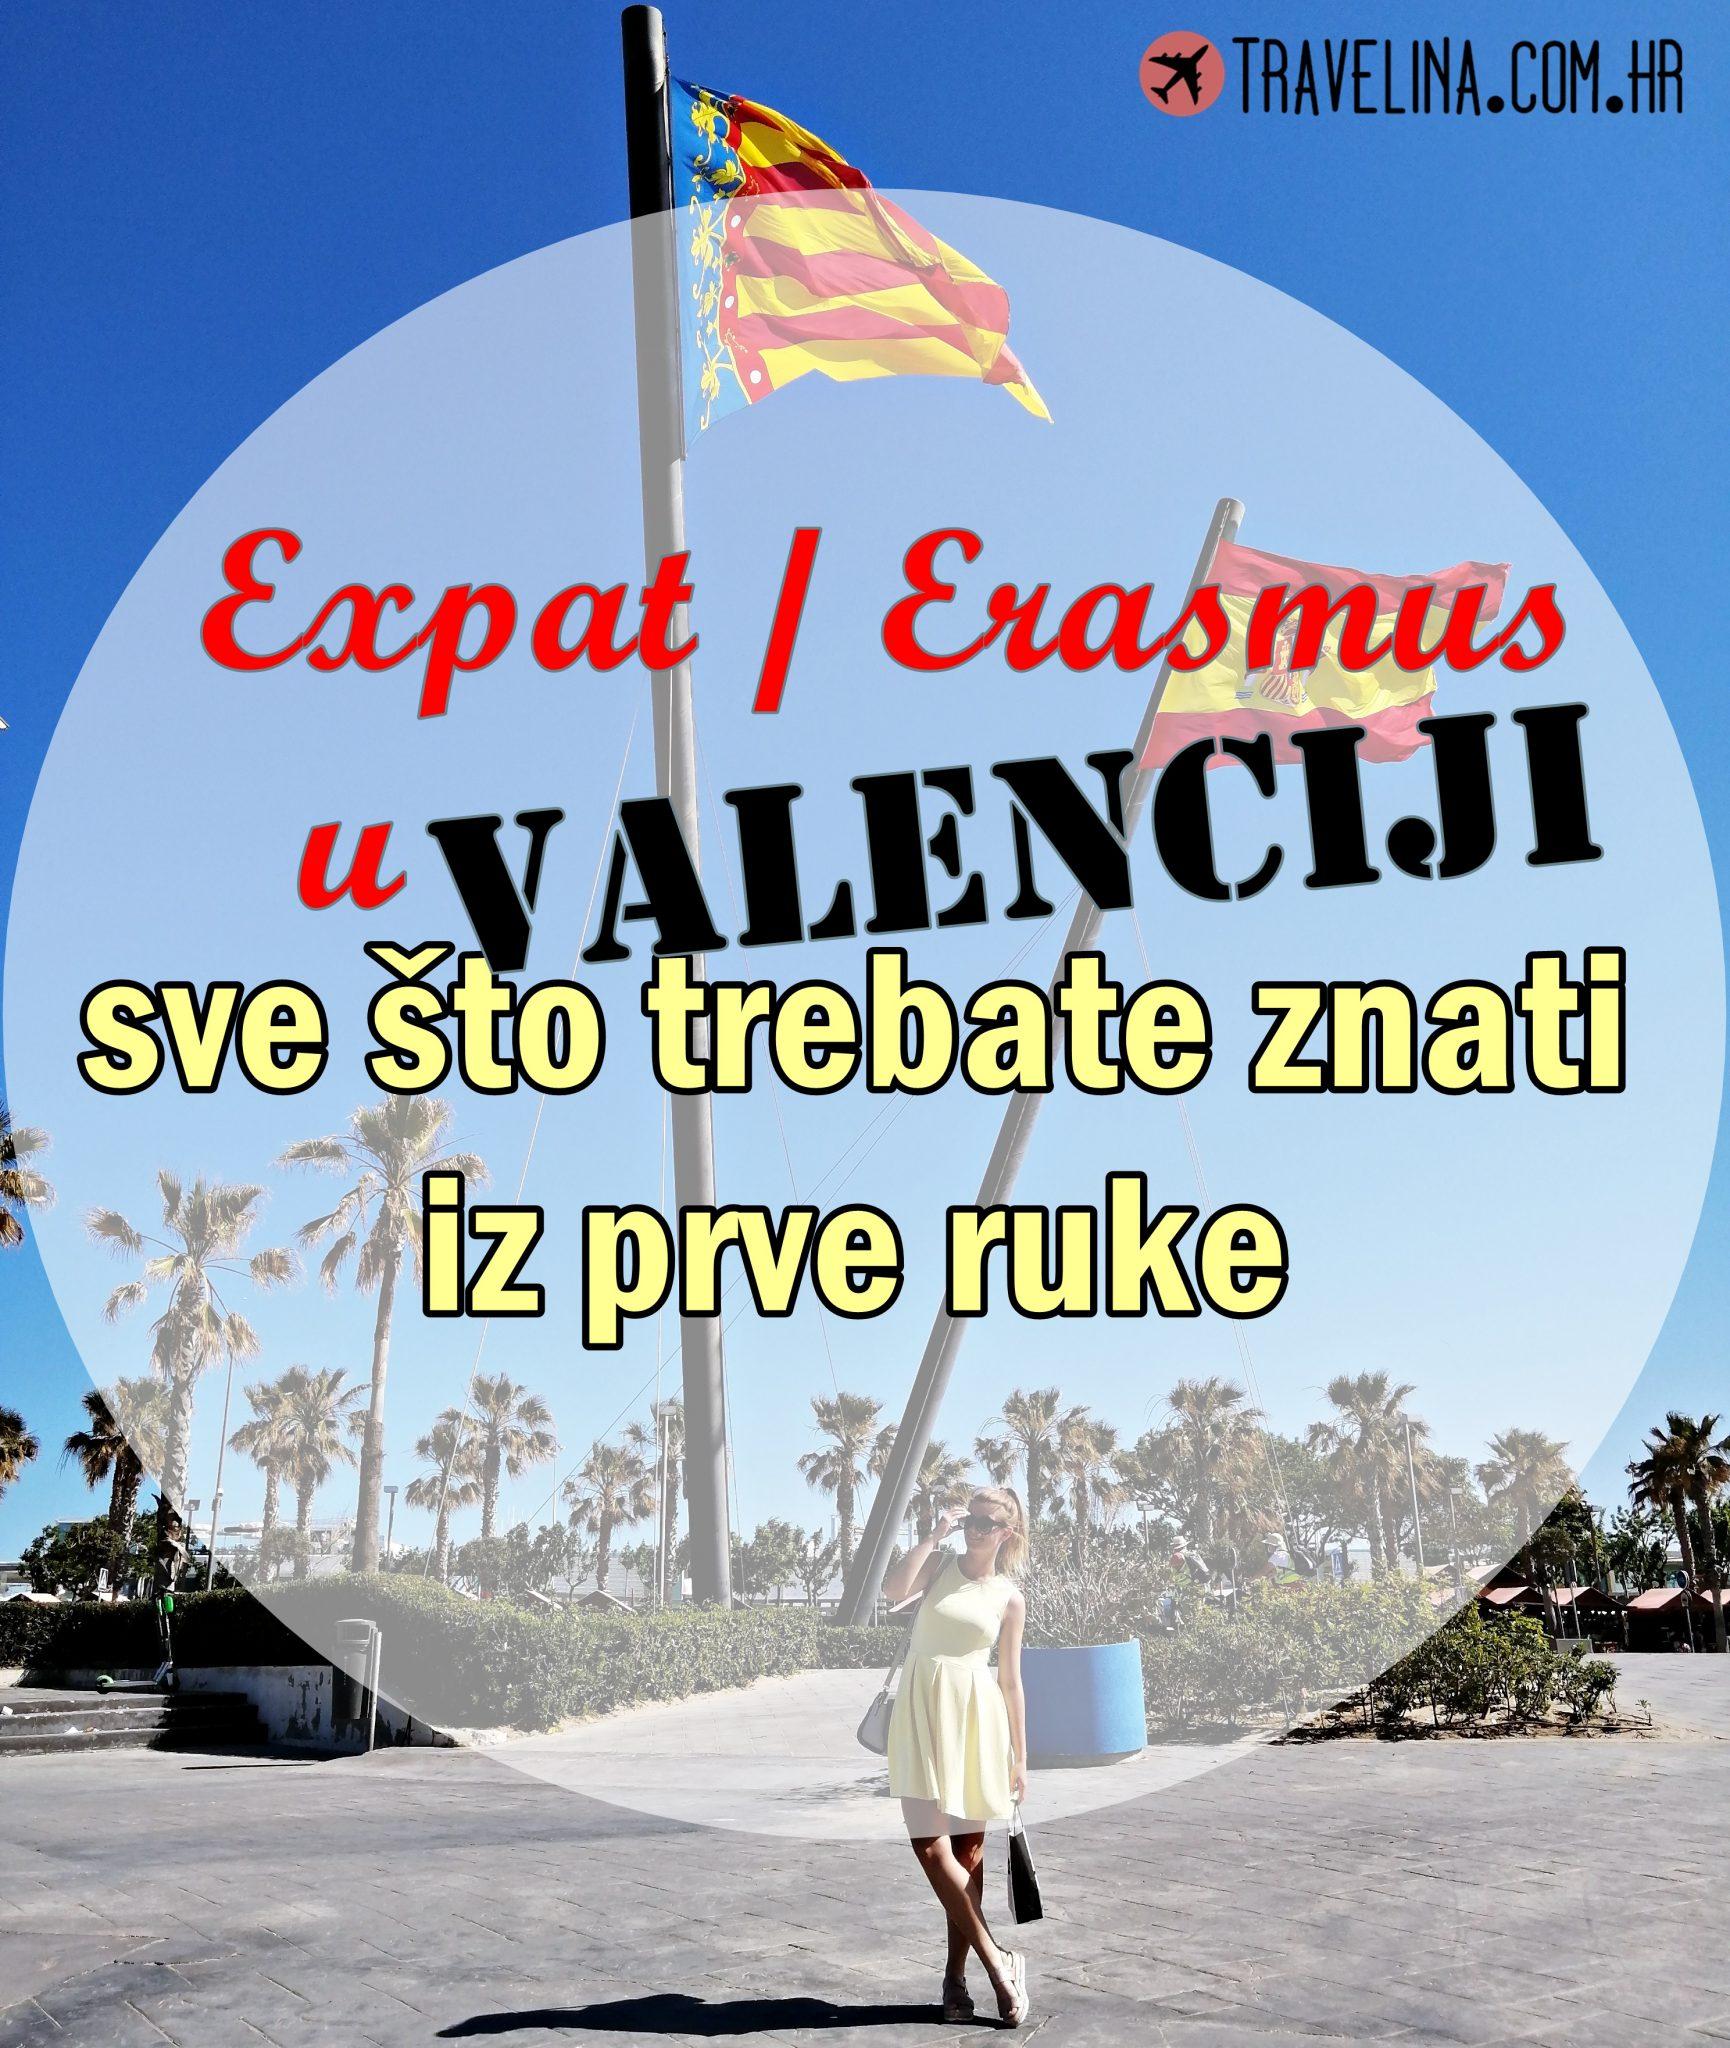 Valencija expat erasmus u Valenciji pinterest 1